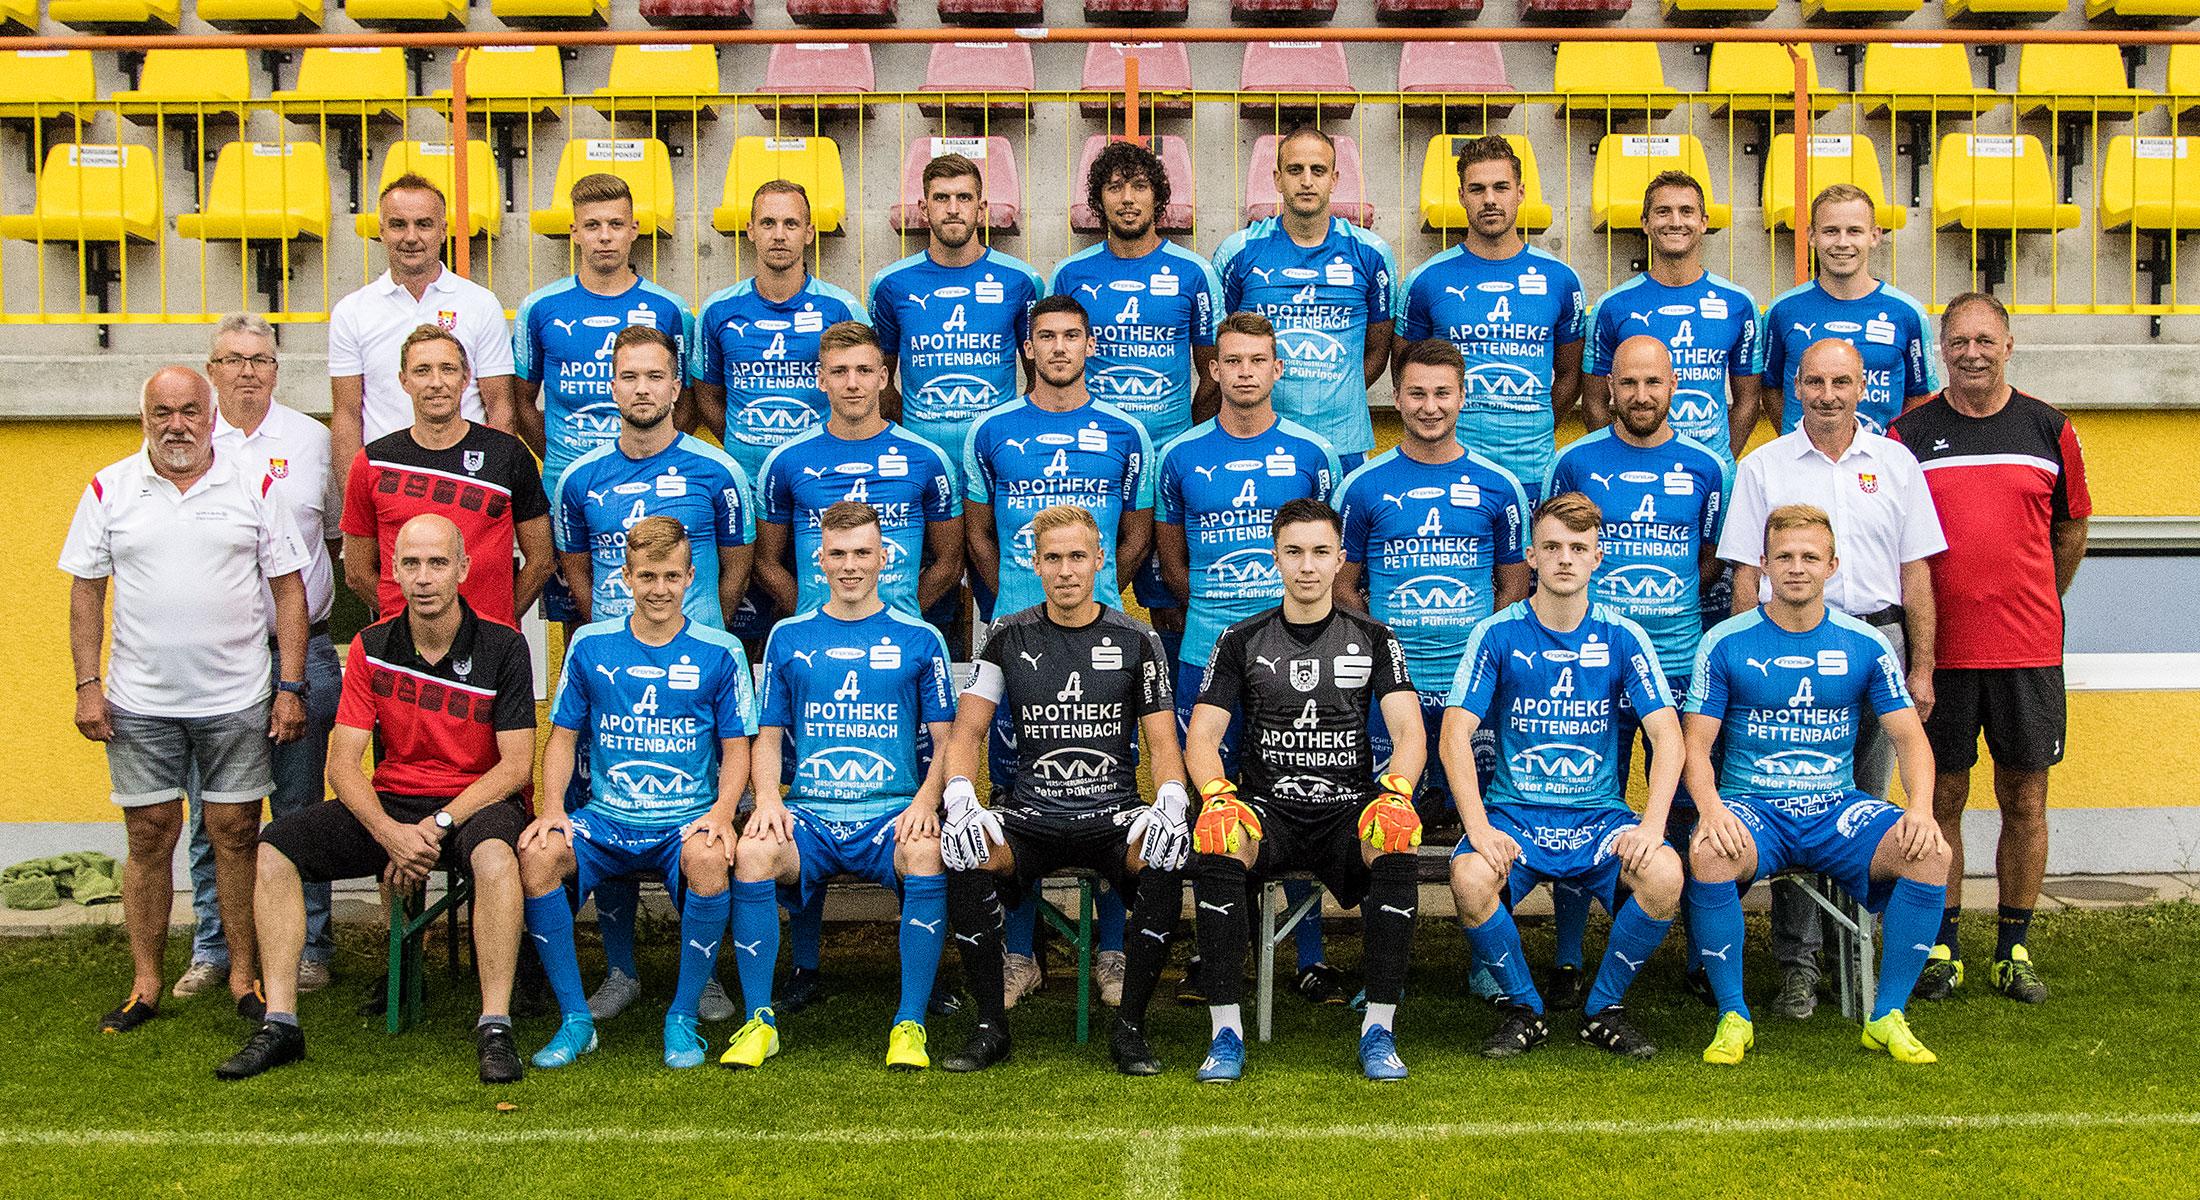 Union Pettenbach Kampfmannschaft 2020/21